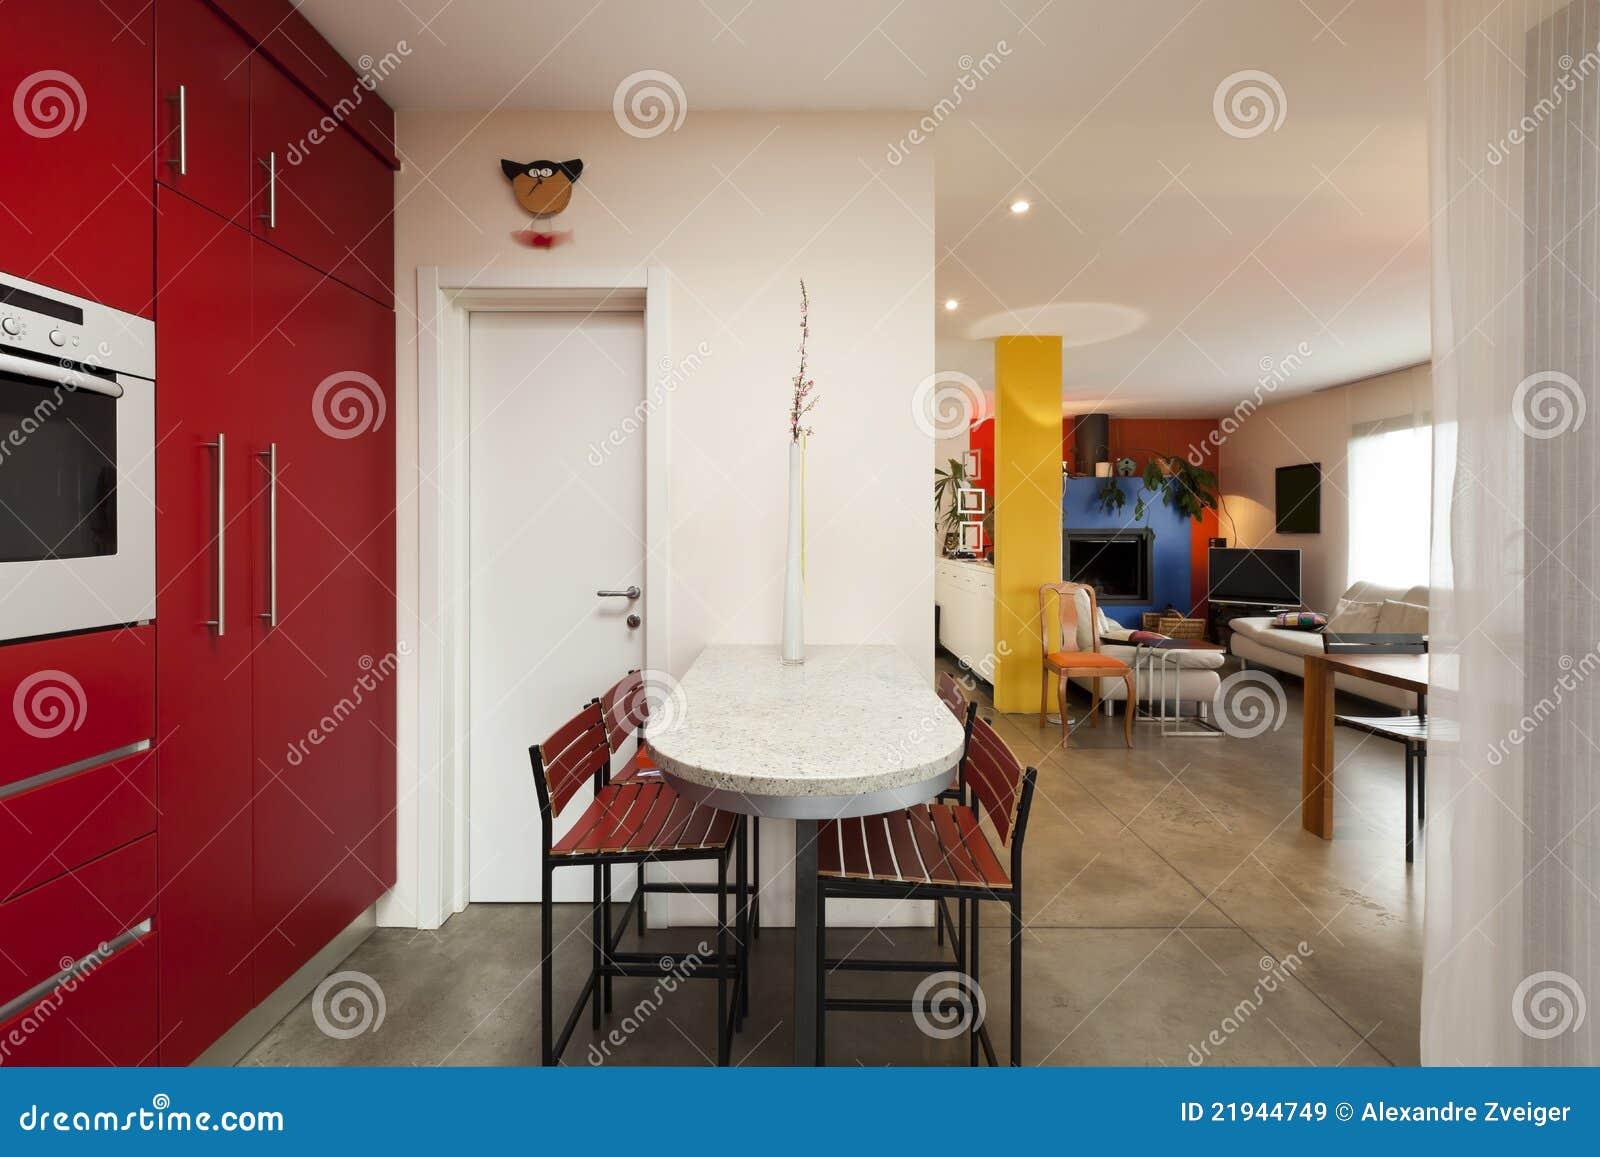 Rode keuken royalty vrije stock afbeeldingen   afbeelding: 21944749